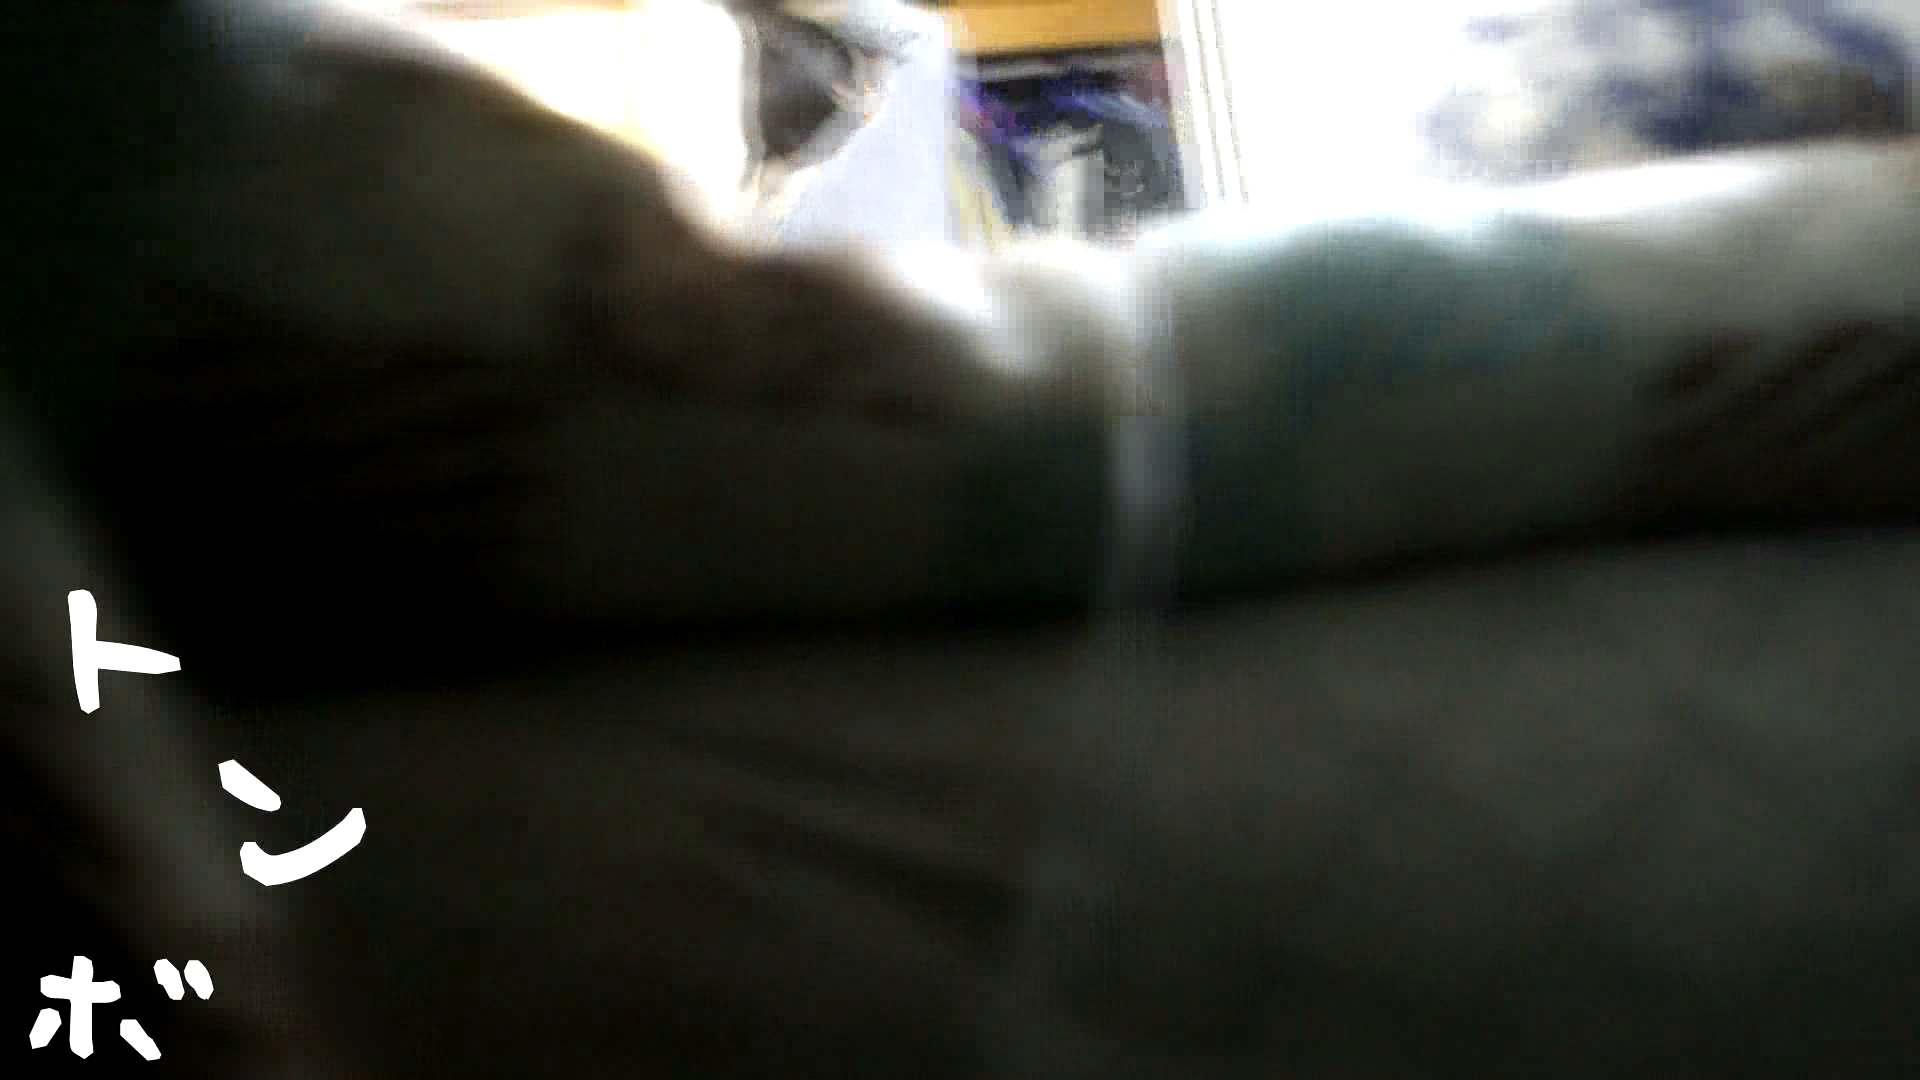 リアル盗撮 本上まなみまなみ似 アパレル店員の私生活 民家 AV動画キャプチャ 82画像 31